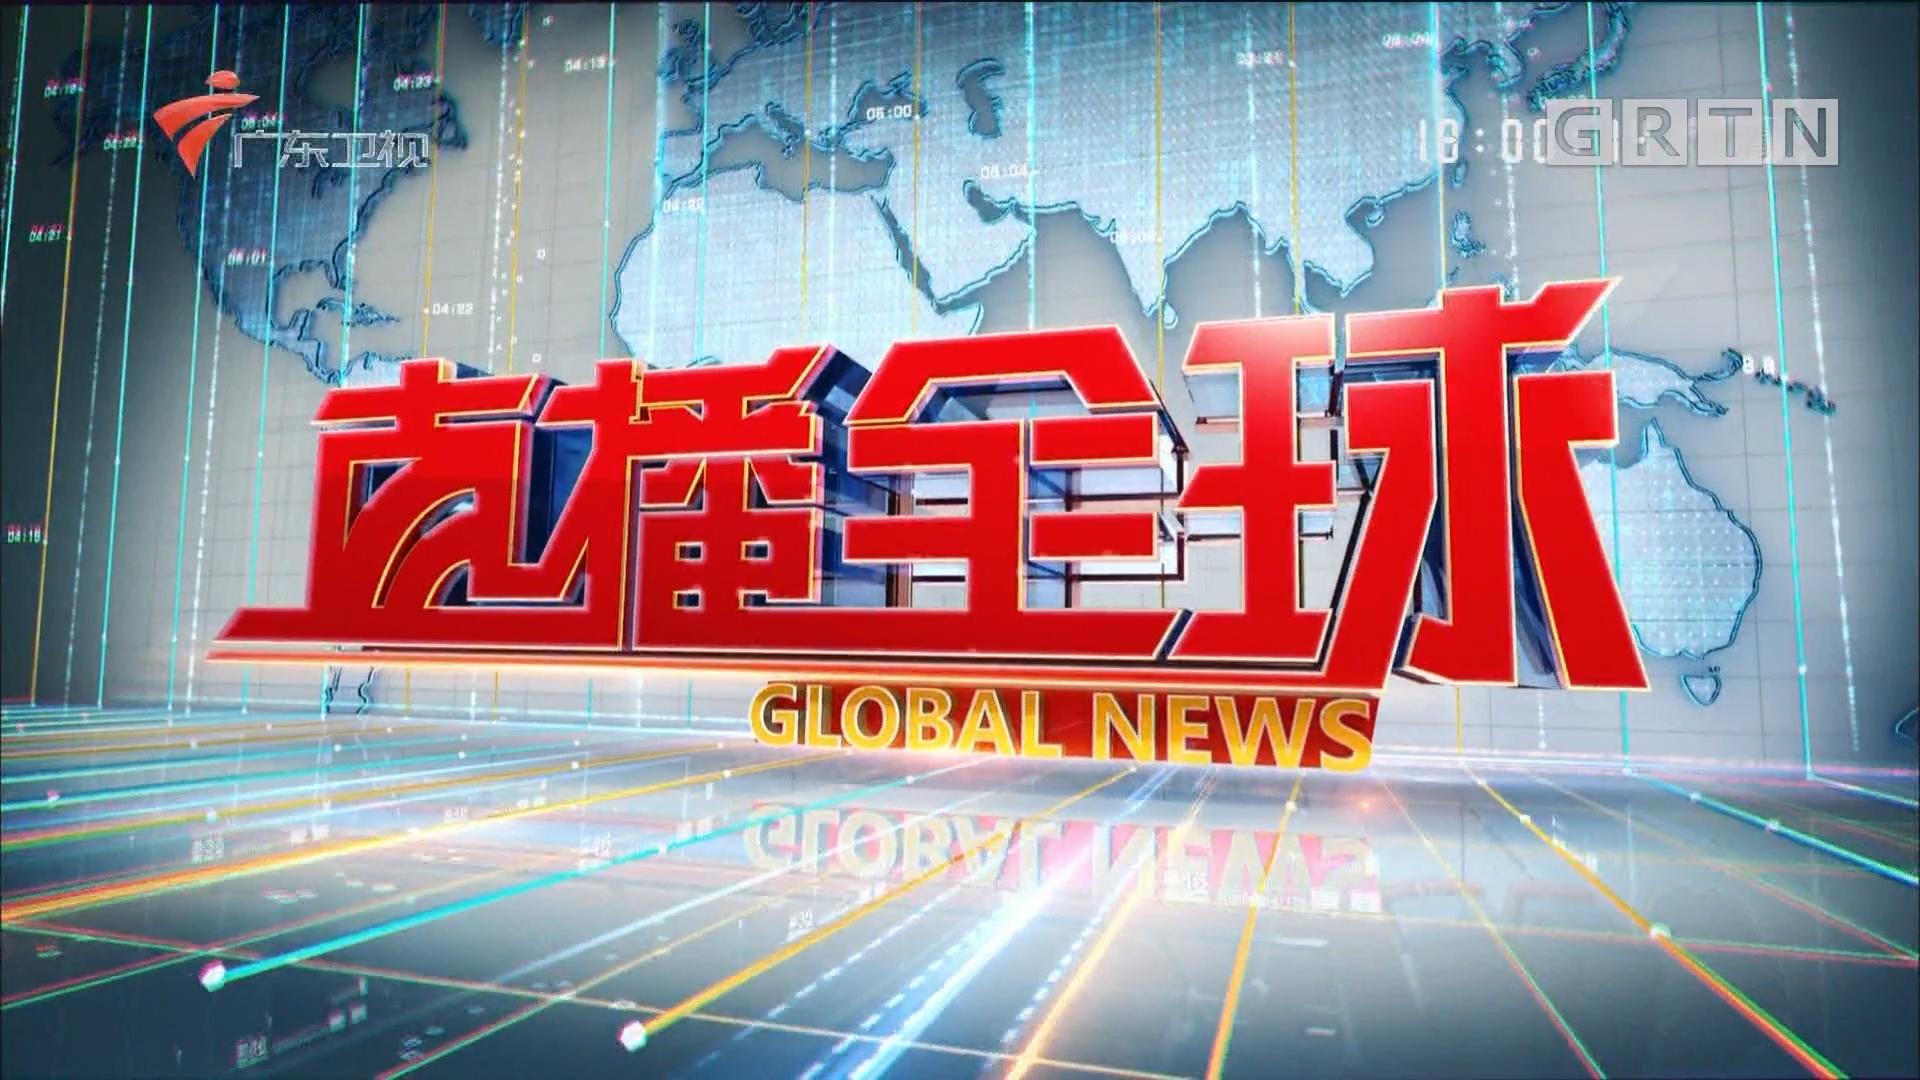 [HD][2019-03-29]直播全球:博鳌亚洲论坛:世界经济展望与中国姿态 嘉宾发言展现中国自信